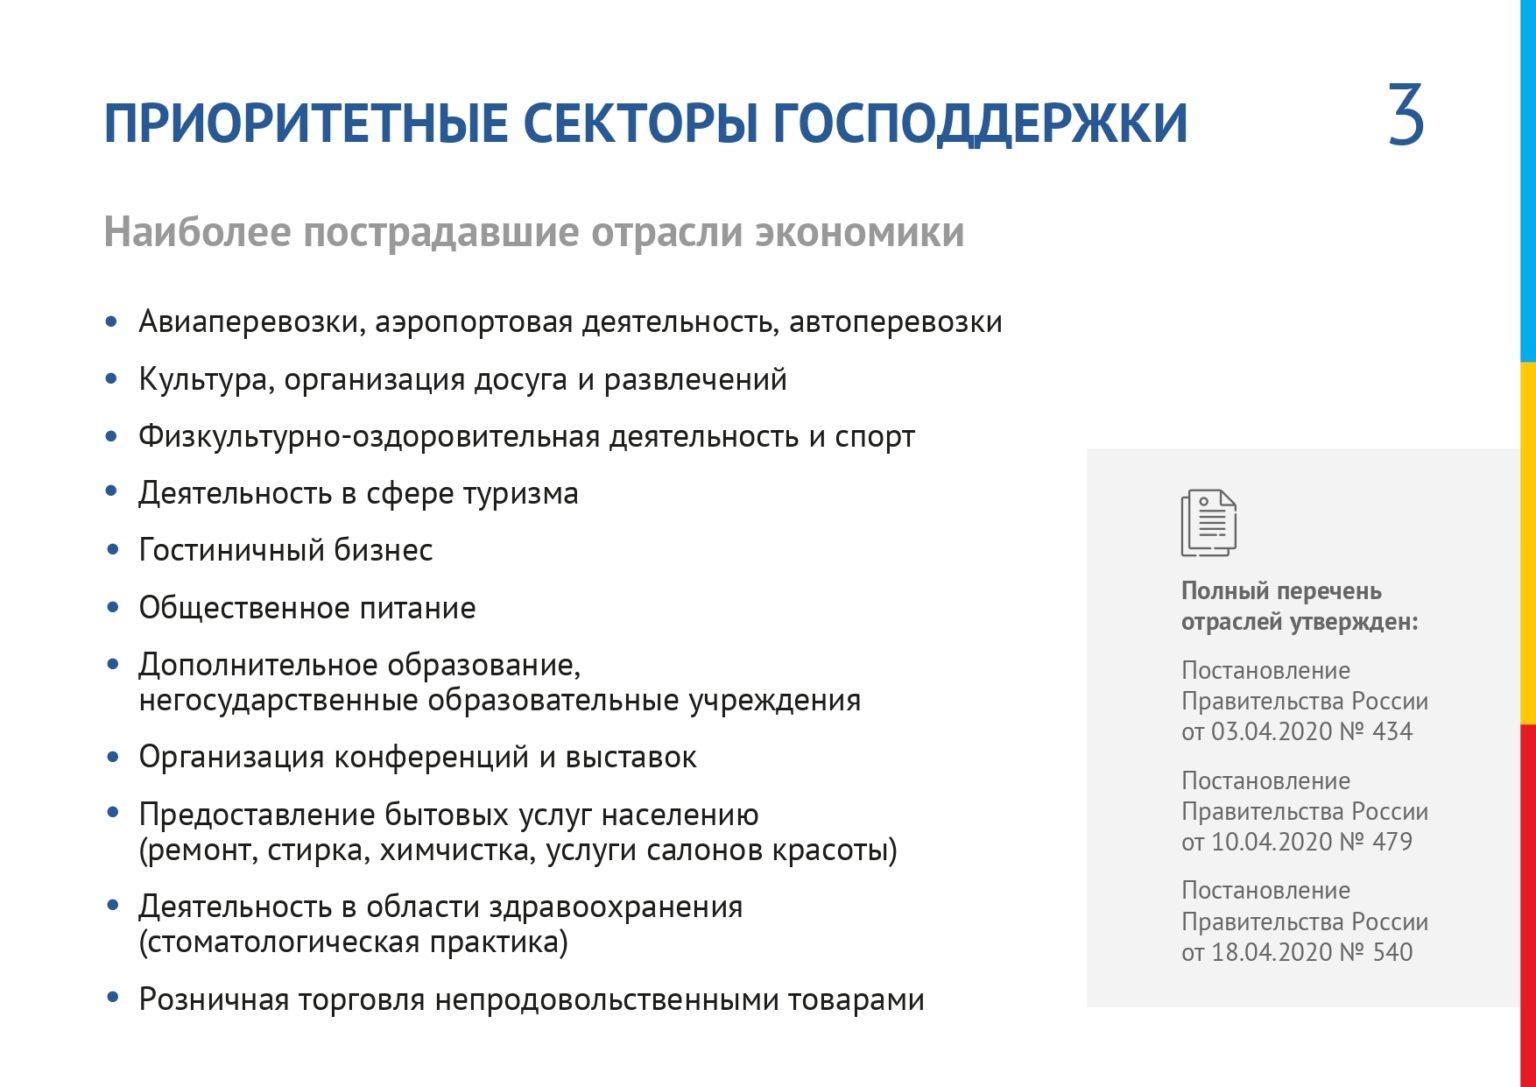 Презентация_page-0003